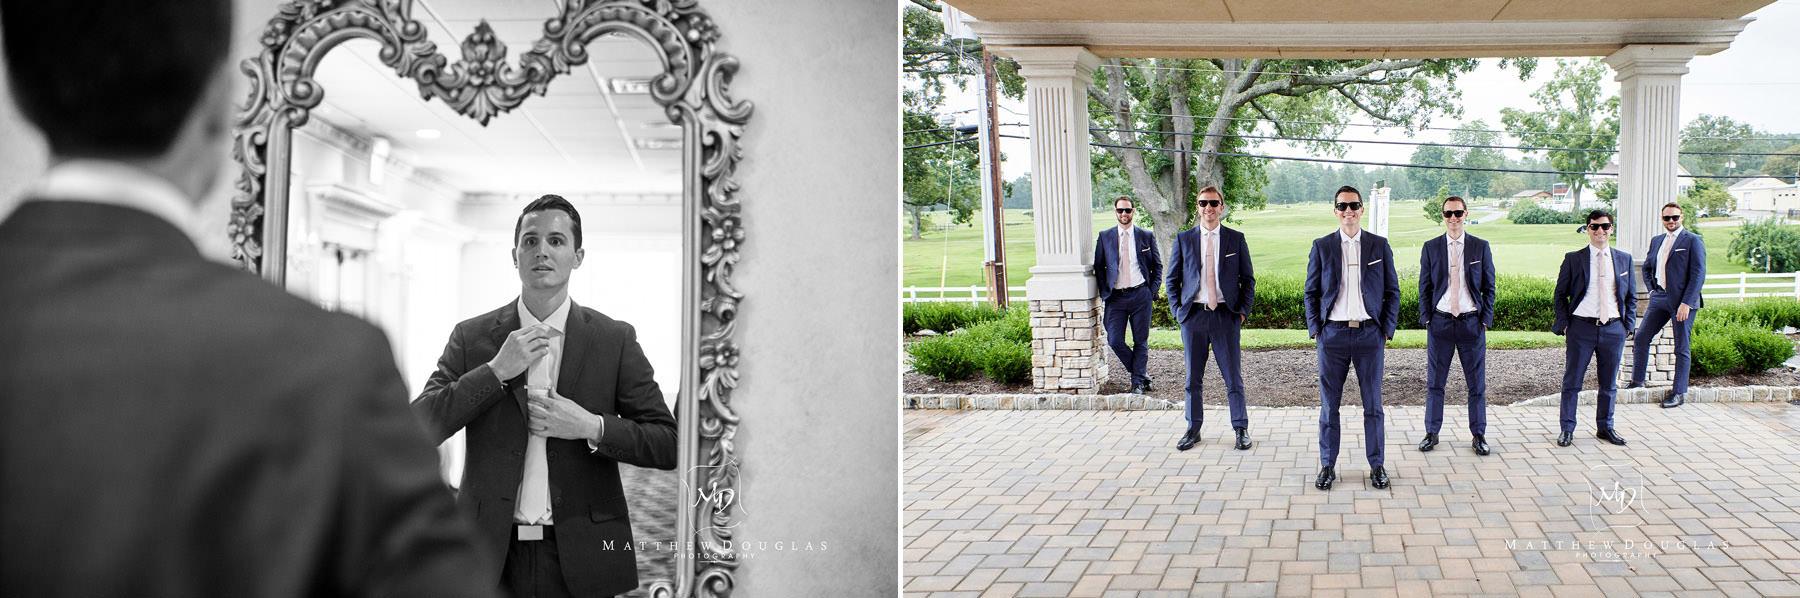 Chandelier Flanders Valley Wedding groomsmen